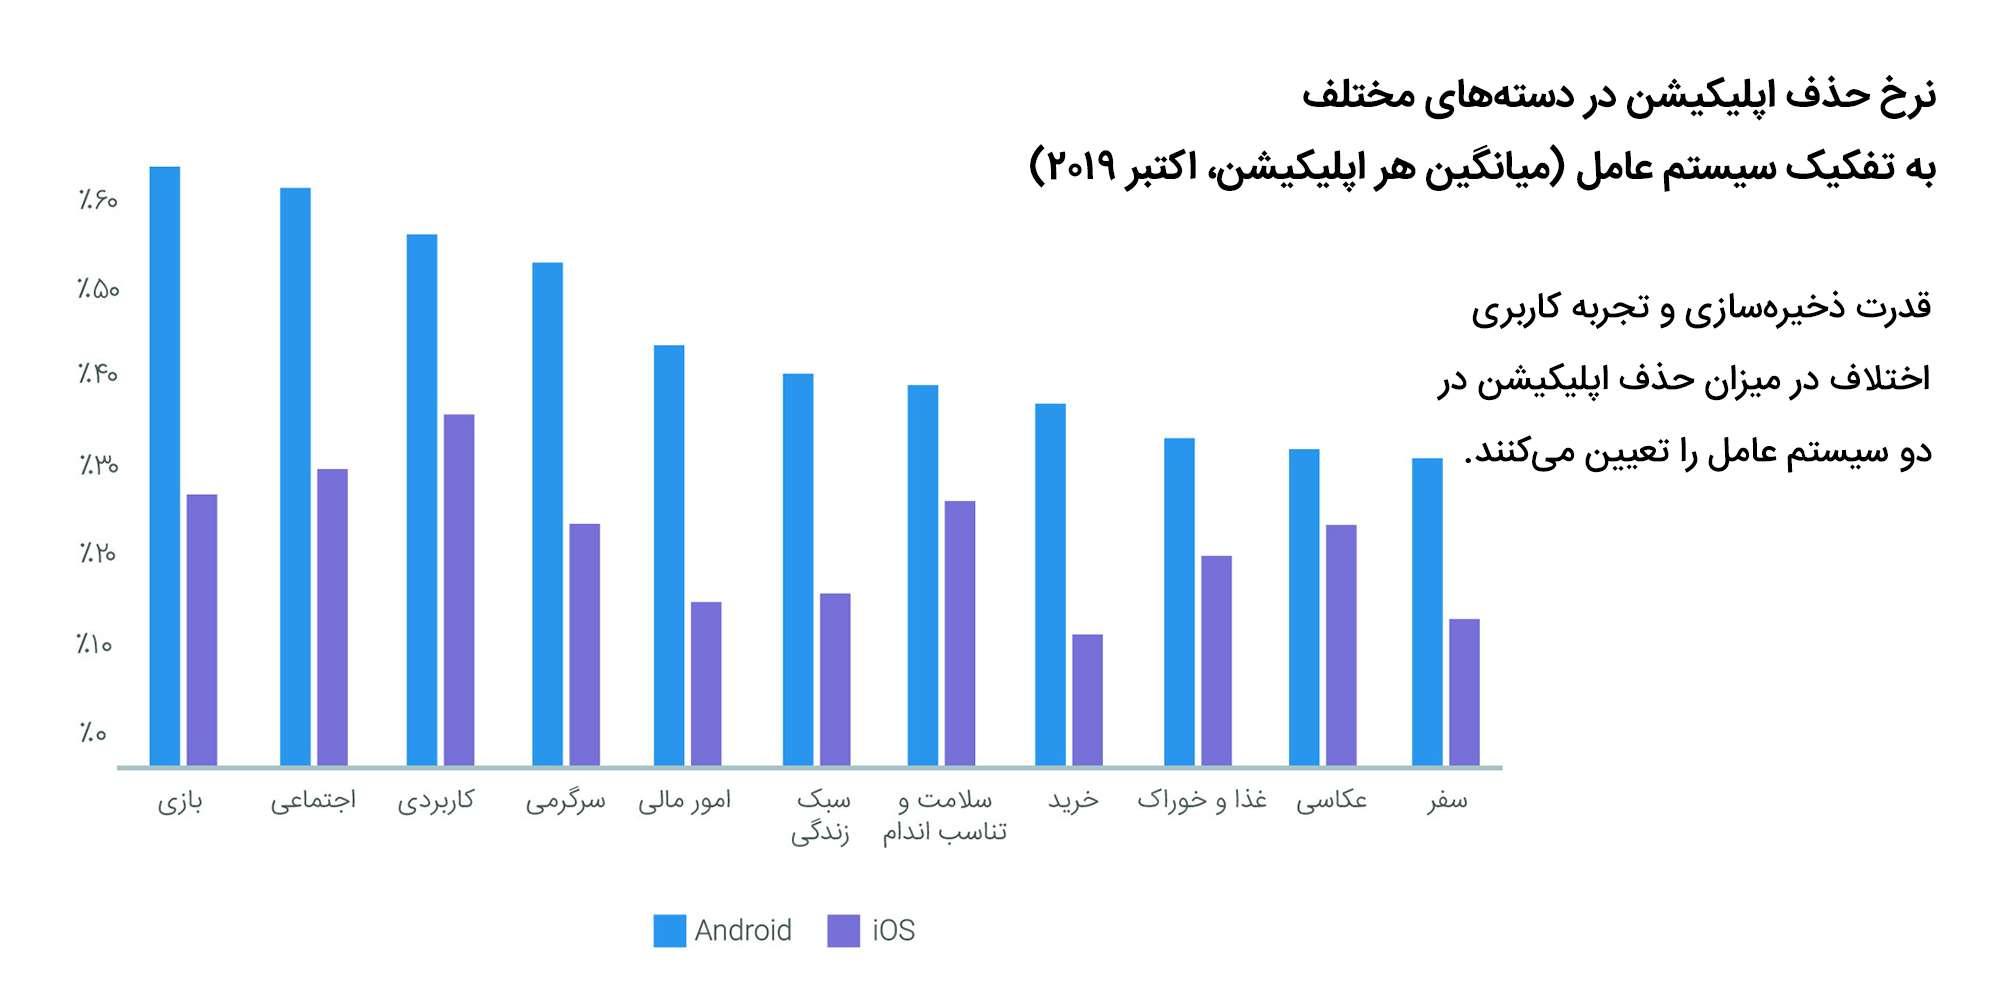 نرخ حذف اپلیکیشن در پلتفرم های مختلف و گروه های مختلف اپلیکیشن